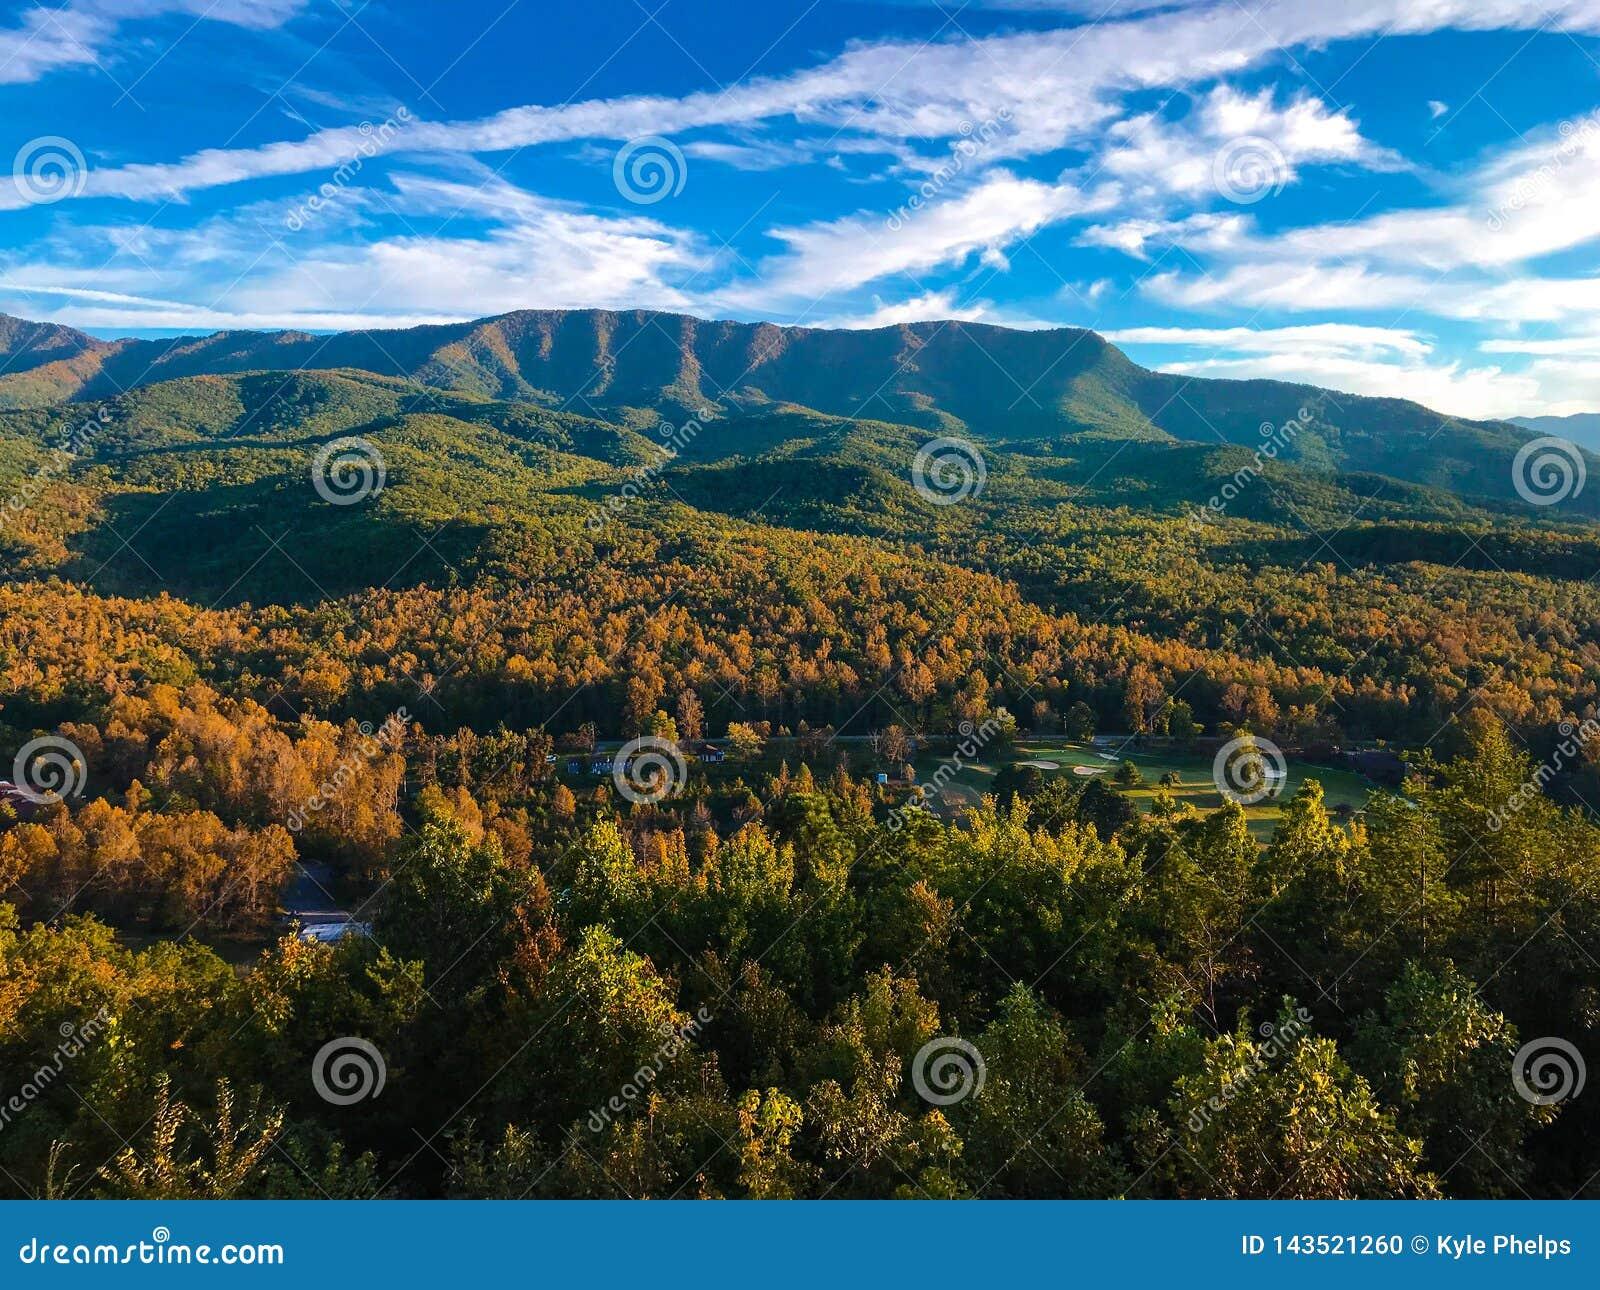 Gatlinburg Mountain View